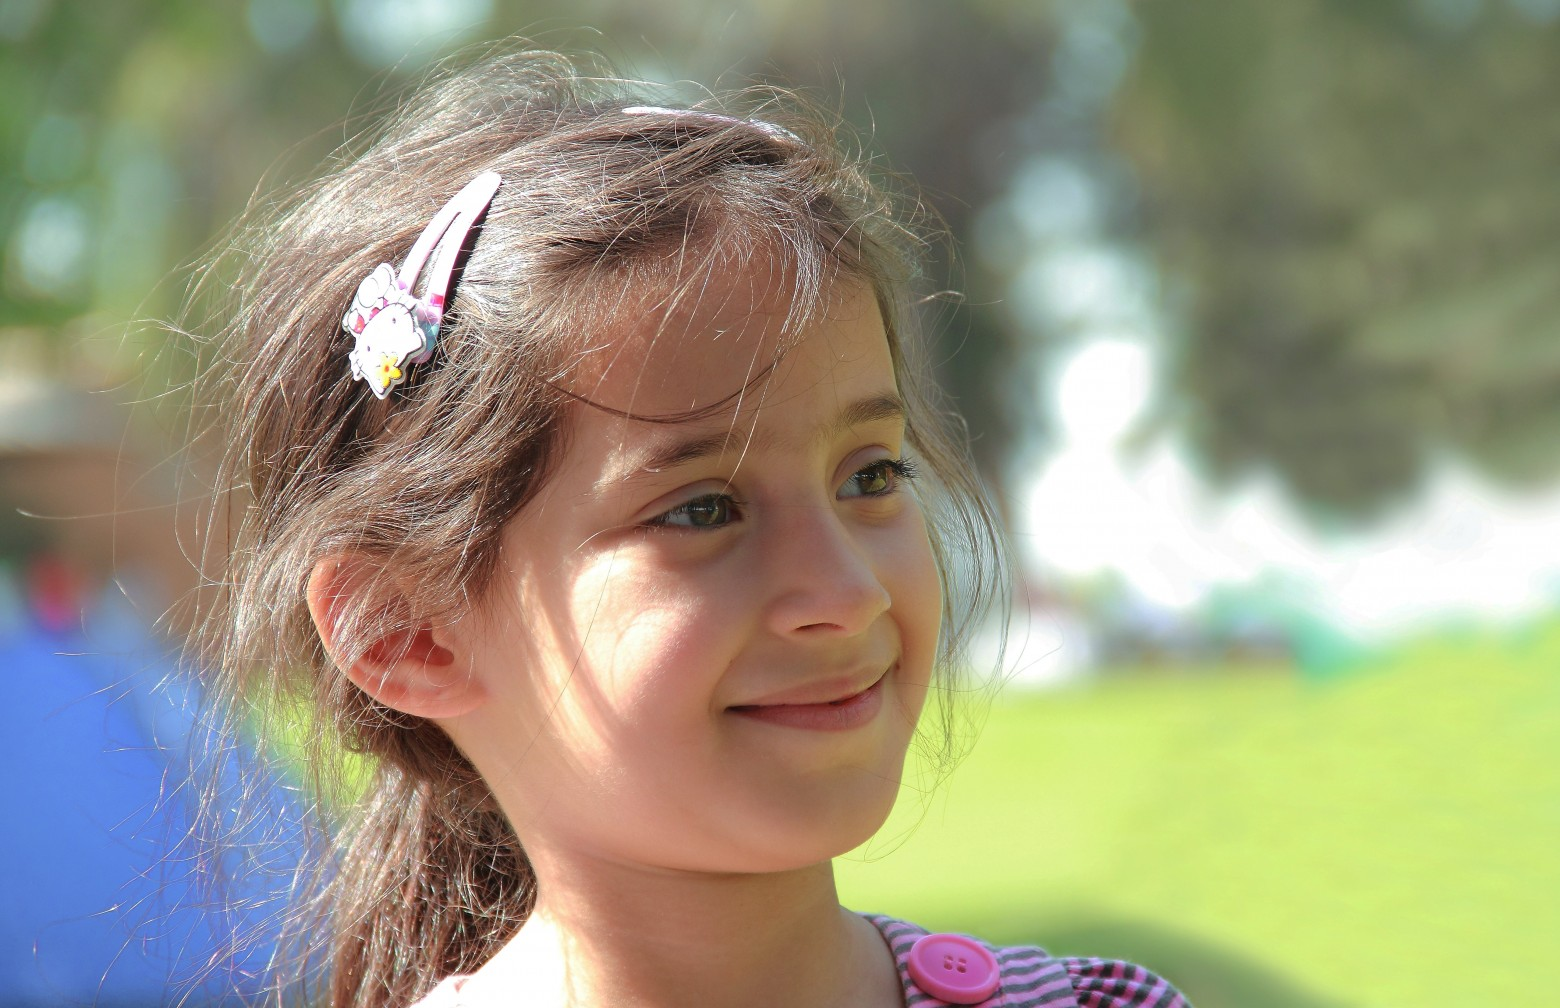 images gratuites libres de droits sur le site fotomelia